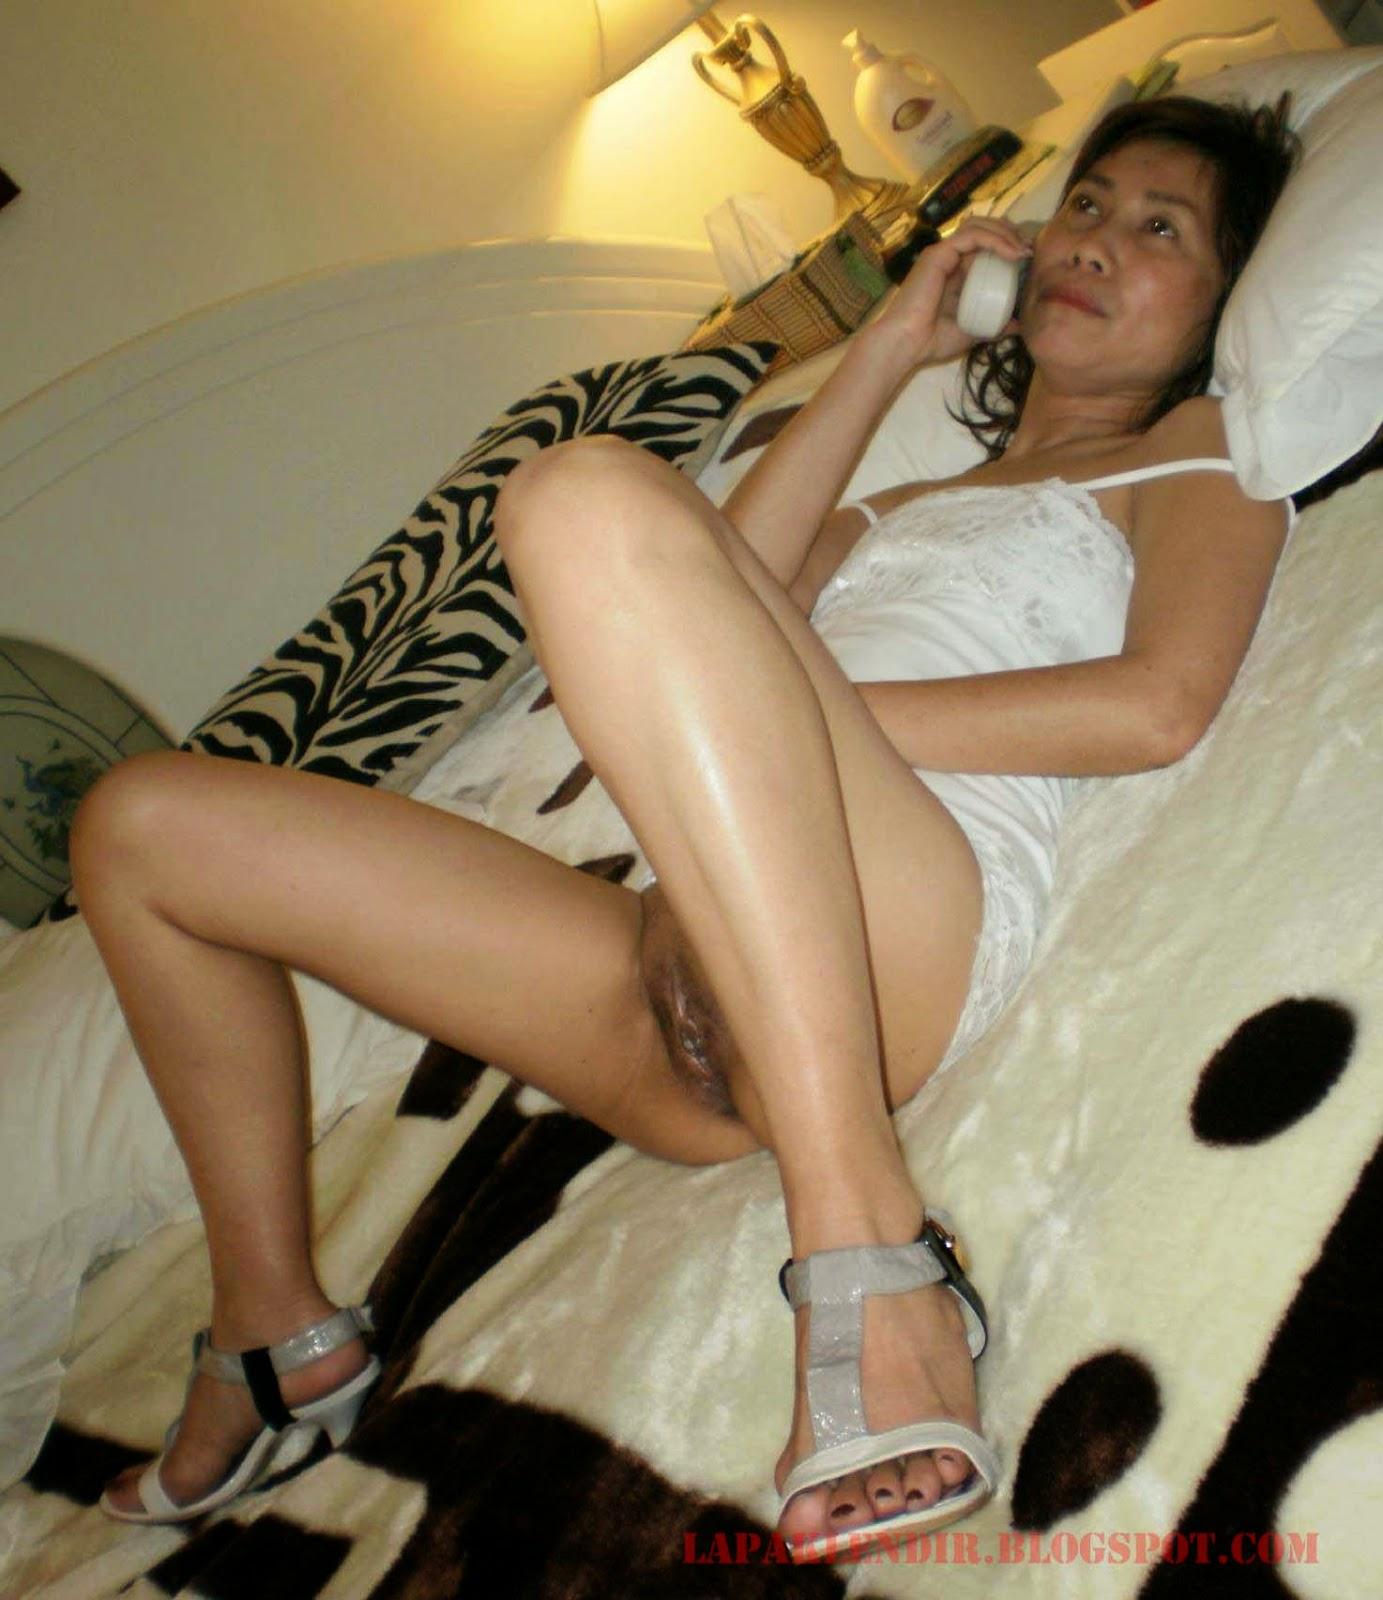 Gambar Bugil Mama Lagi Phone Sex Sama Berondong nya